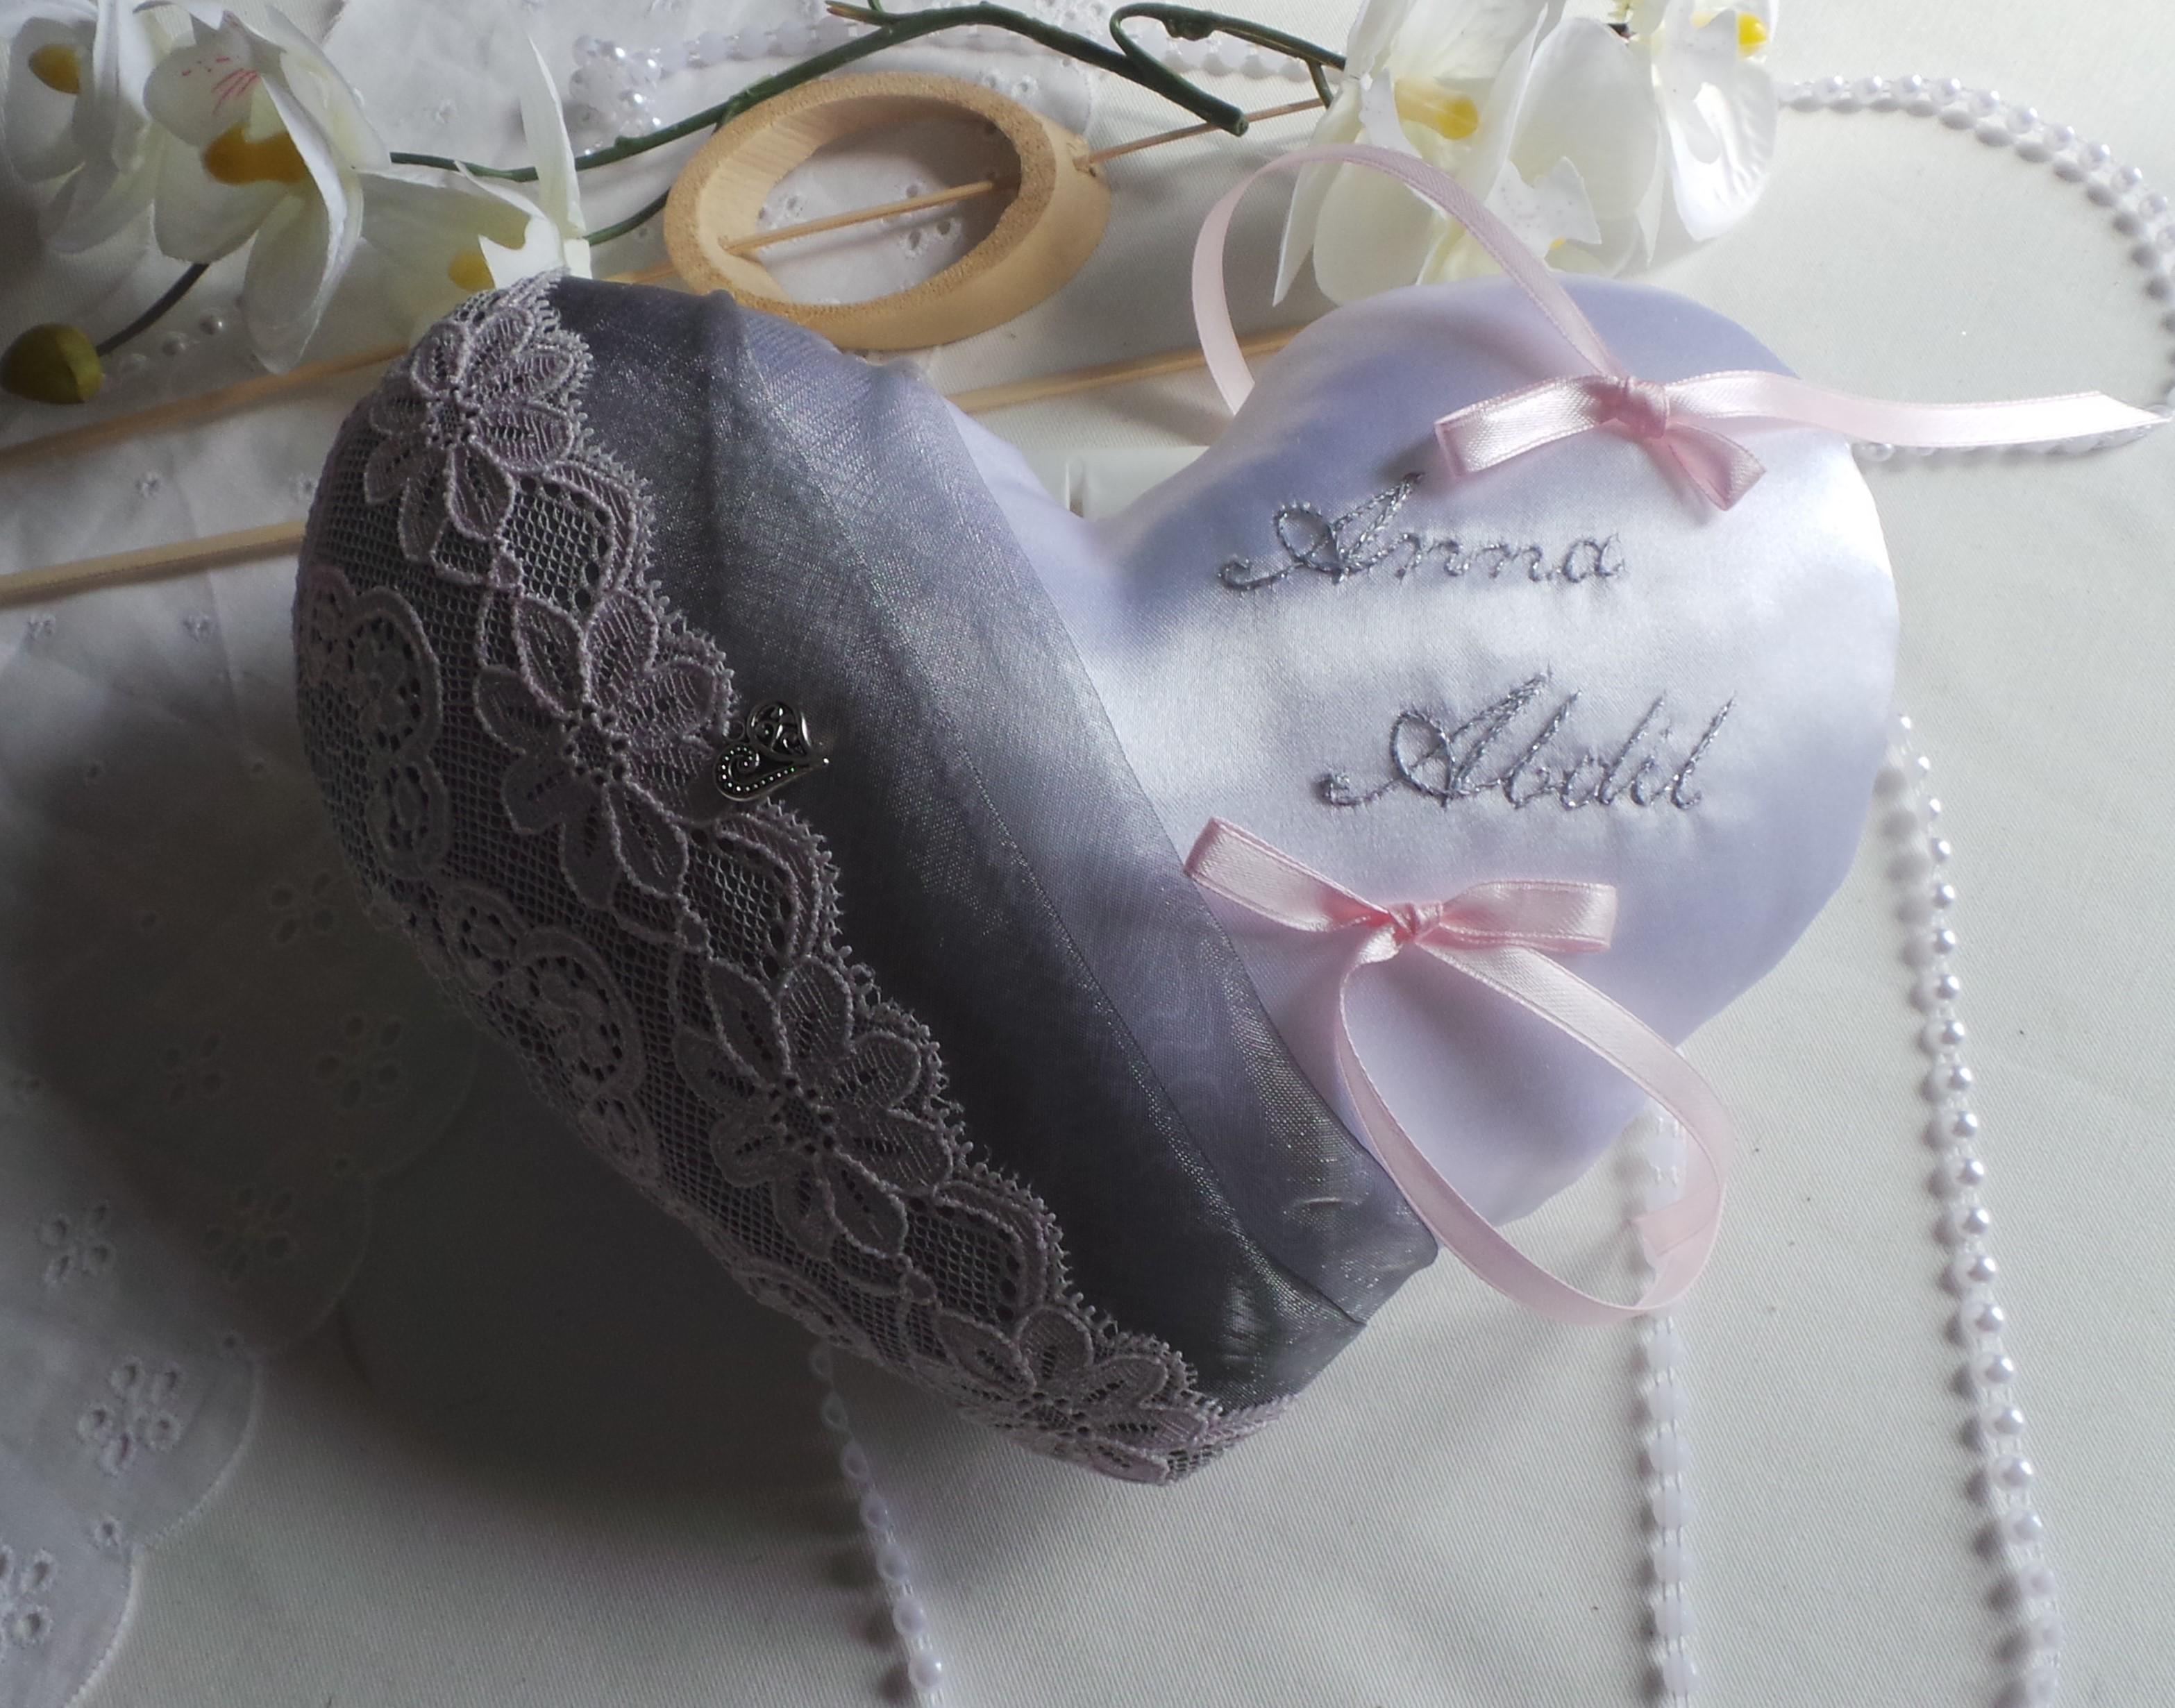 Coussin alliance personnalise coeur rose pastel gris argent blanc fait main